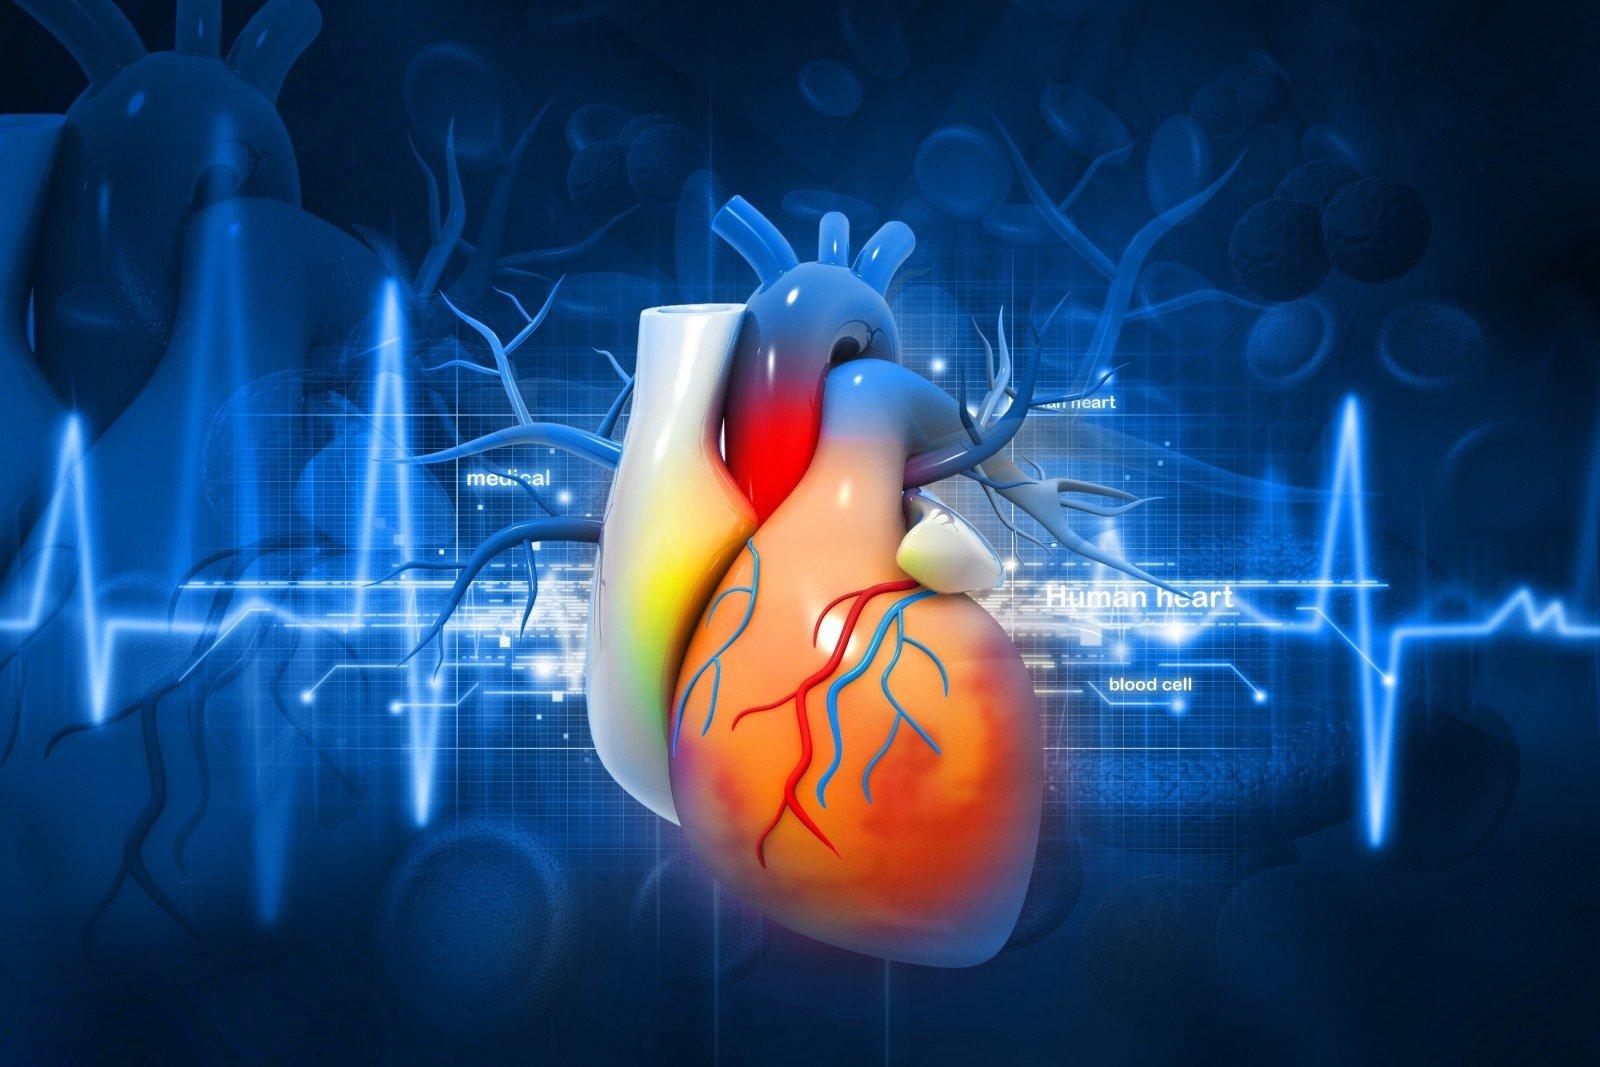 širdies ir širdies sveikata